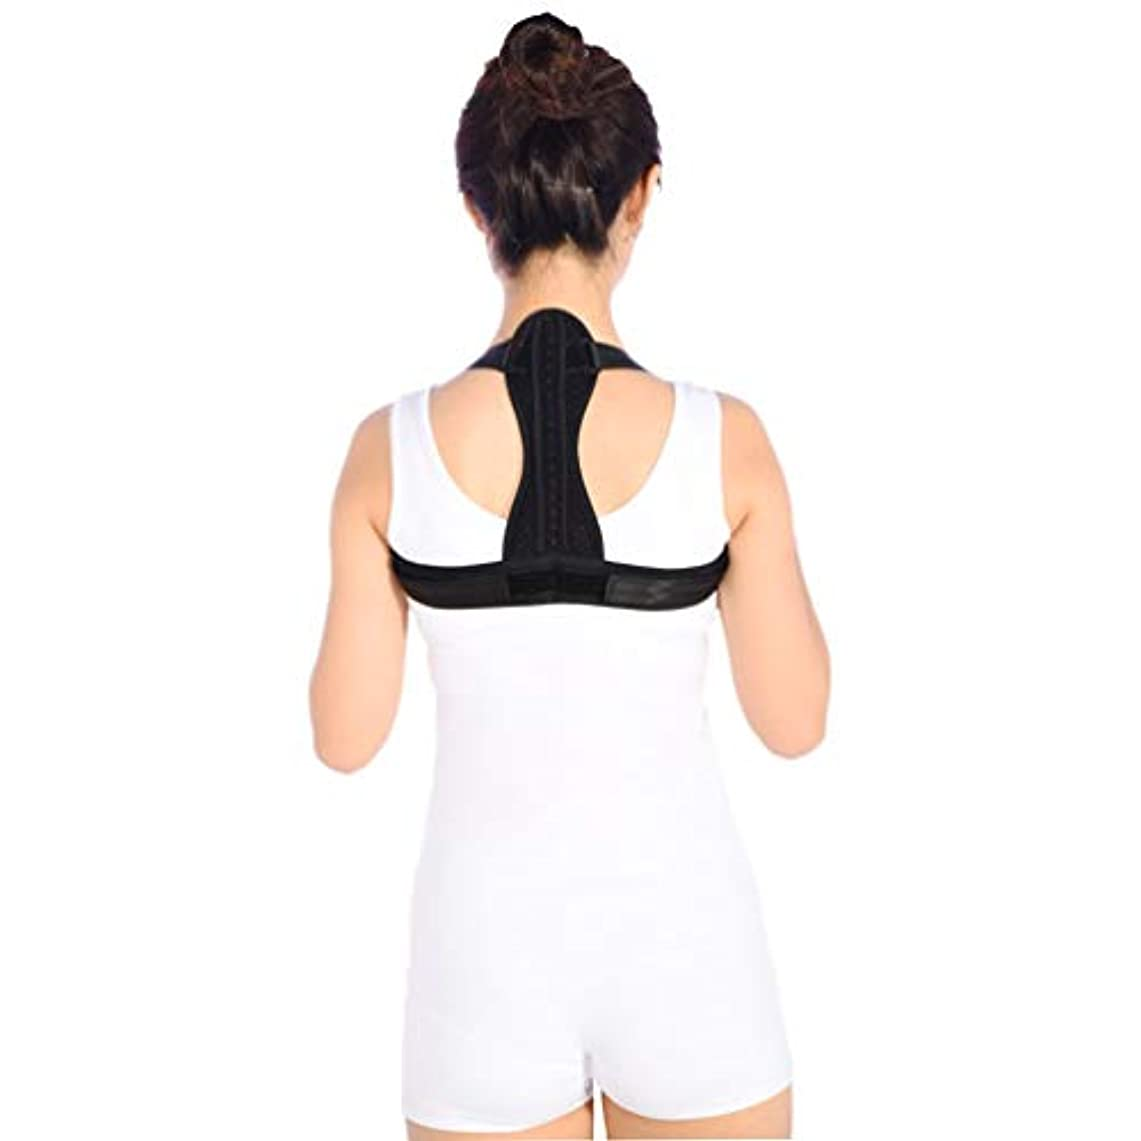 着るの頭の上活性化する通気性の脊柱側弯症ザトウクジラ補正ベルト調節可能な快適さ目に見えないベルト男性女性大人学生子供 - 黒